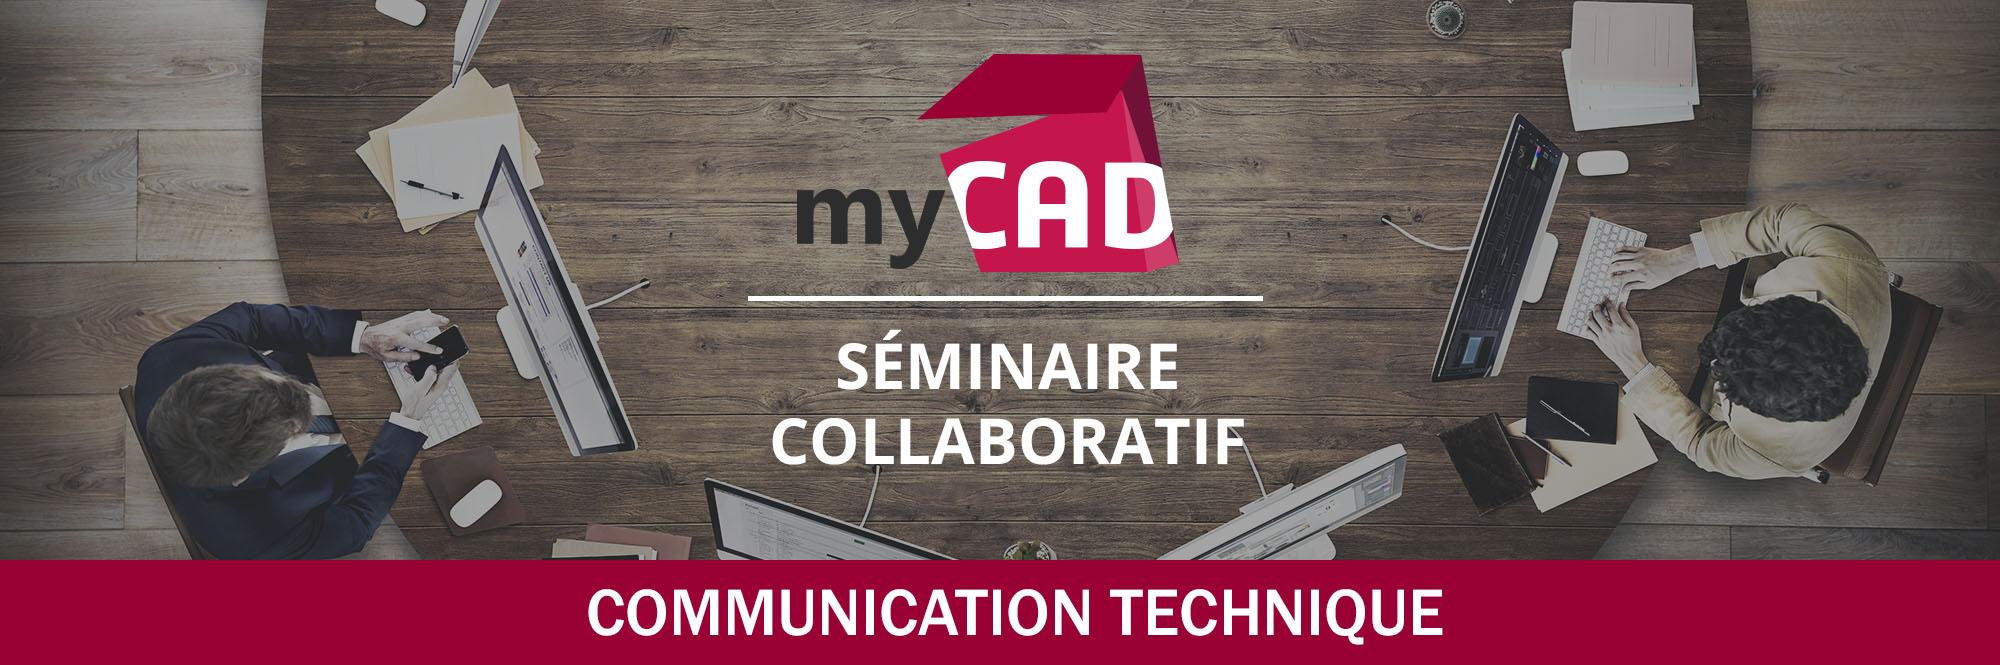 Seminaire colaboratif_Comm_Tech_2000px